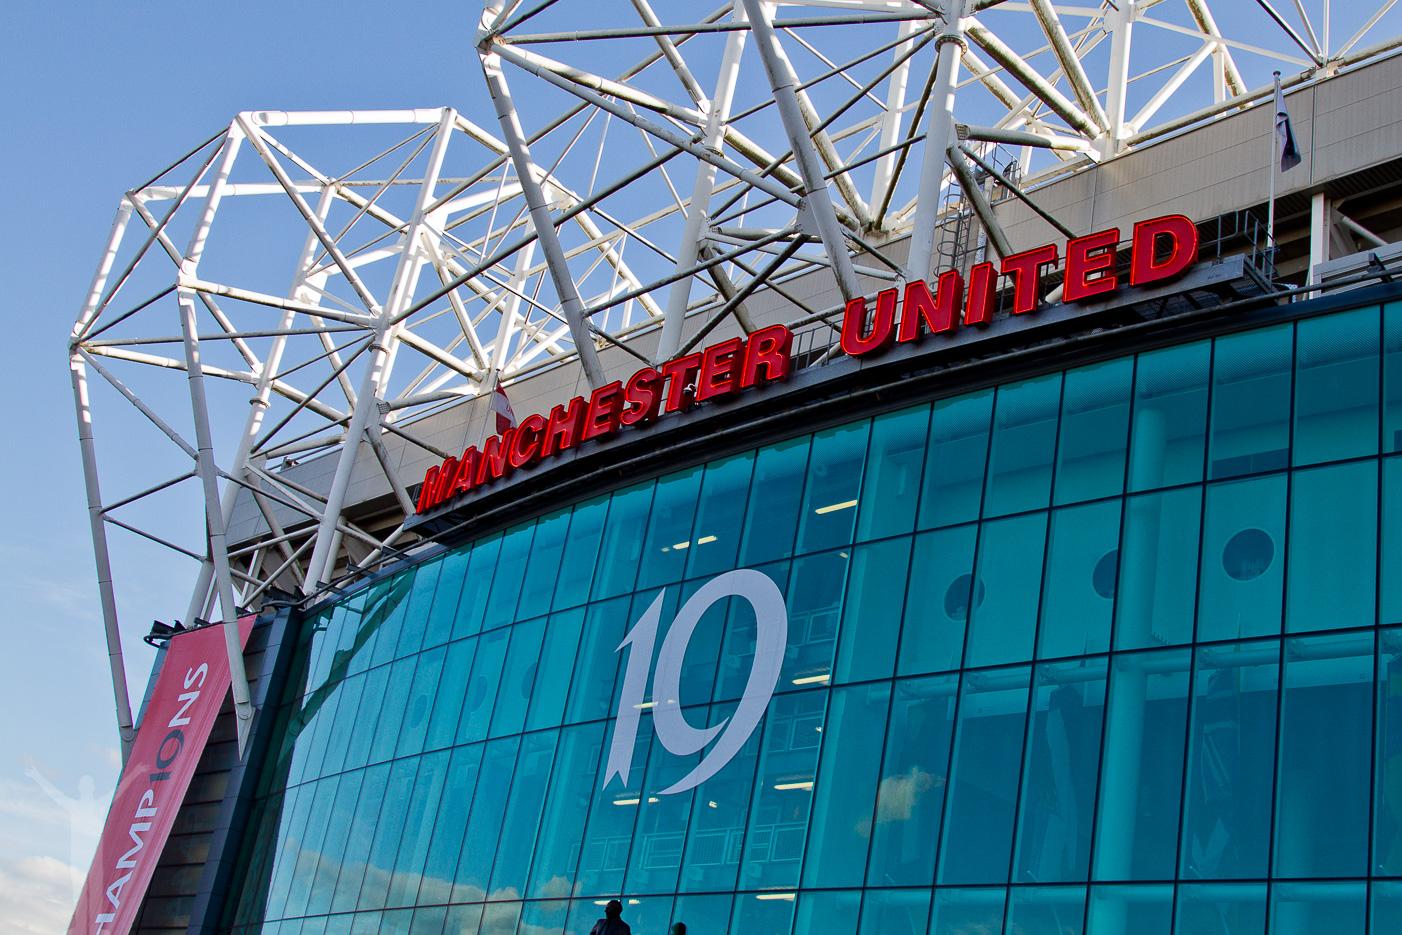 Old Trafford - 19